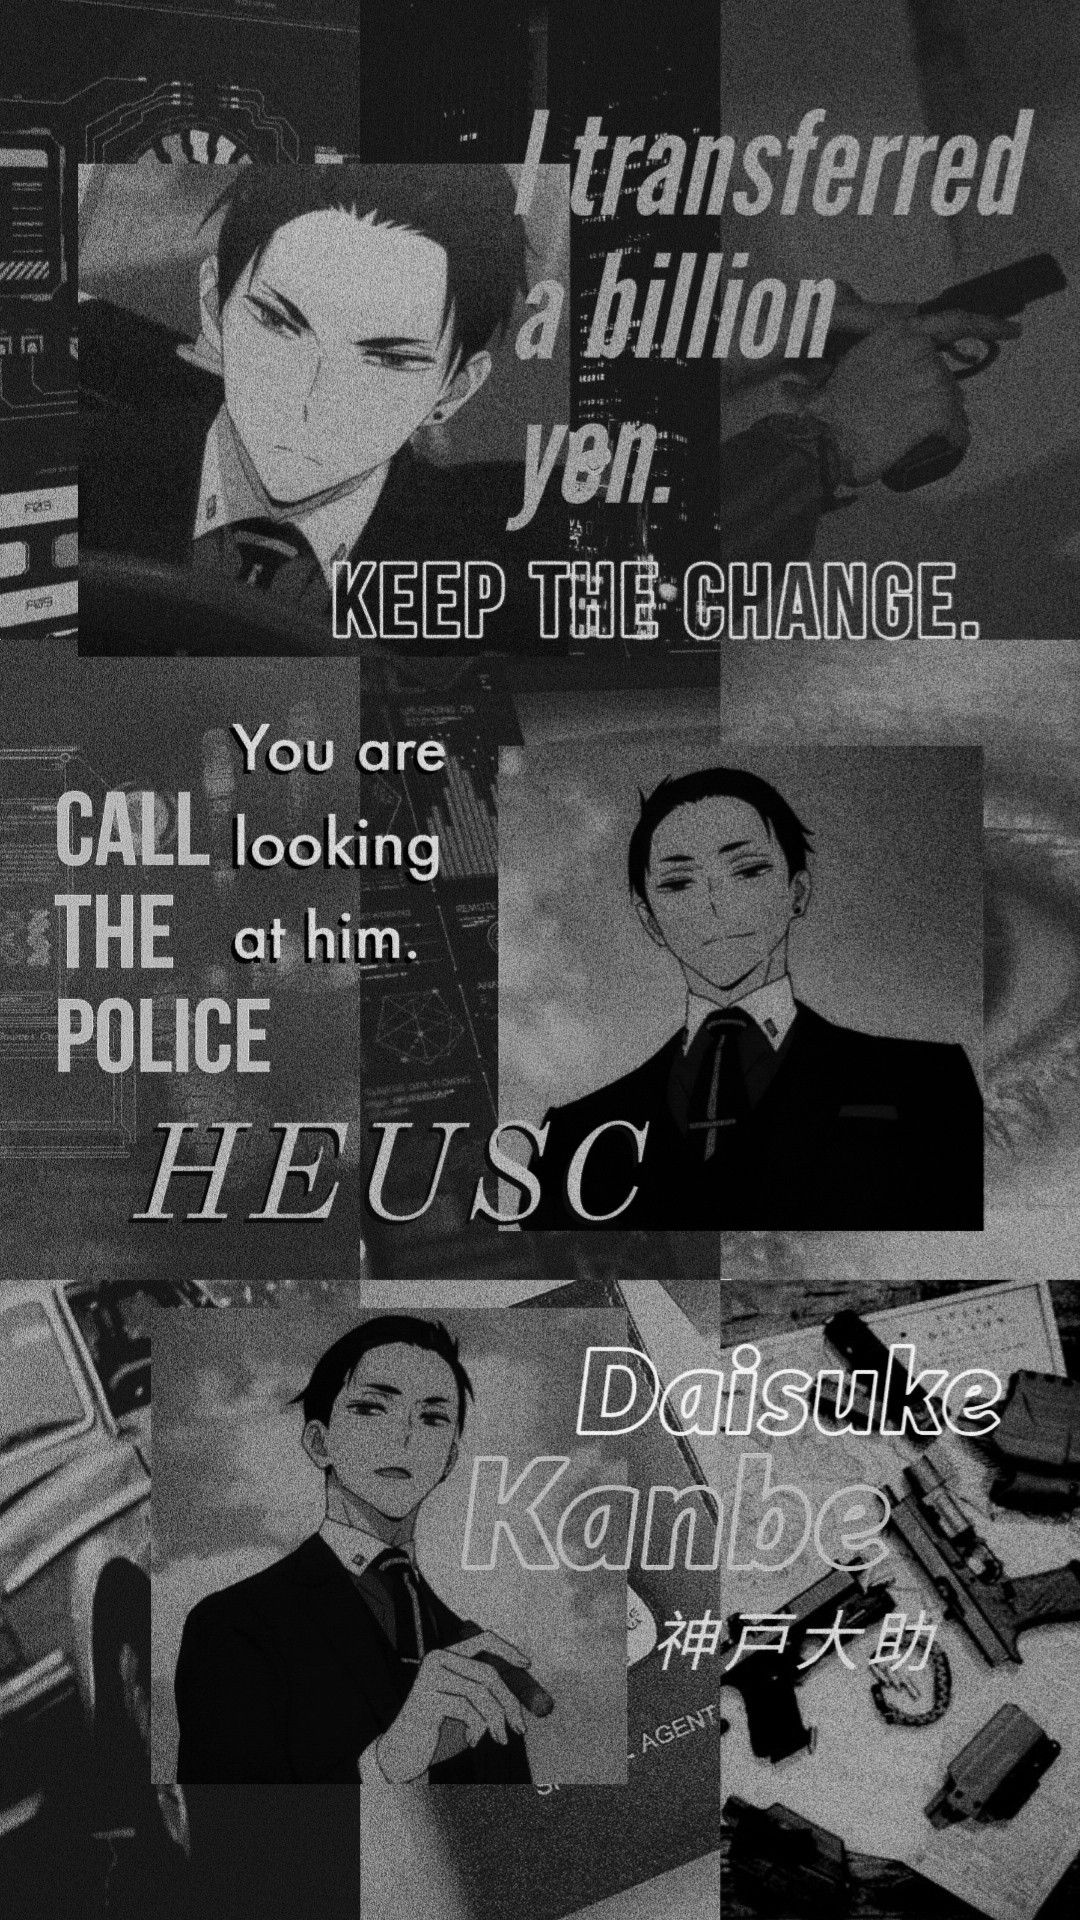 Daisuke Kanbe Wallpaper In 2020 Anime Wallpaper Phone Cute Anime Wallpaper Anime Wallpaper Iphone